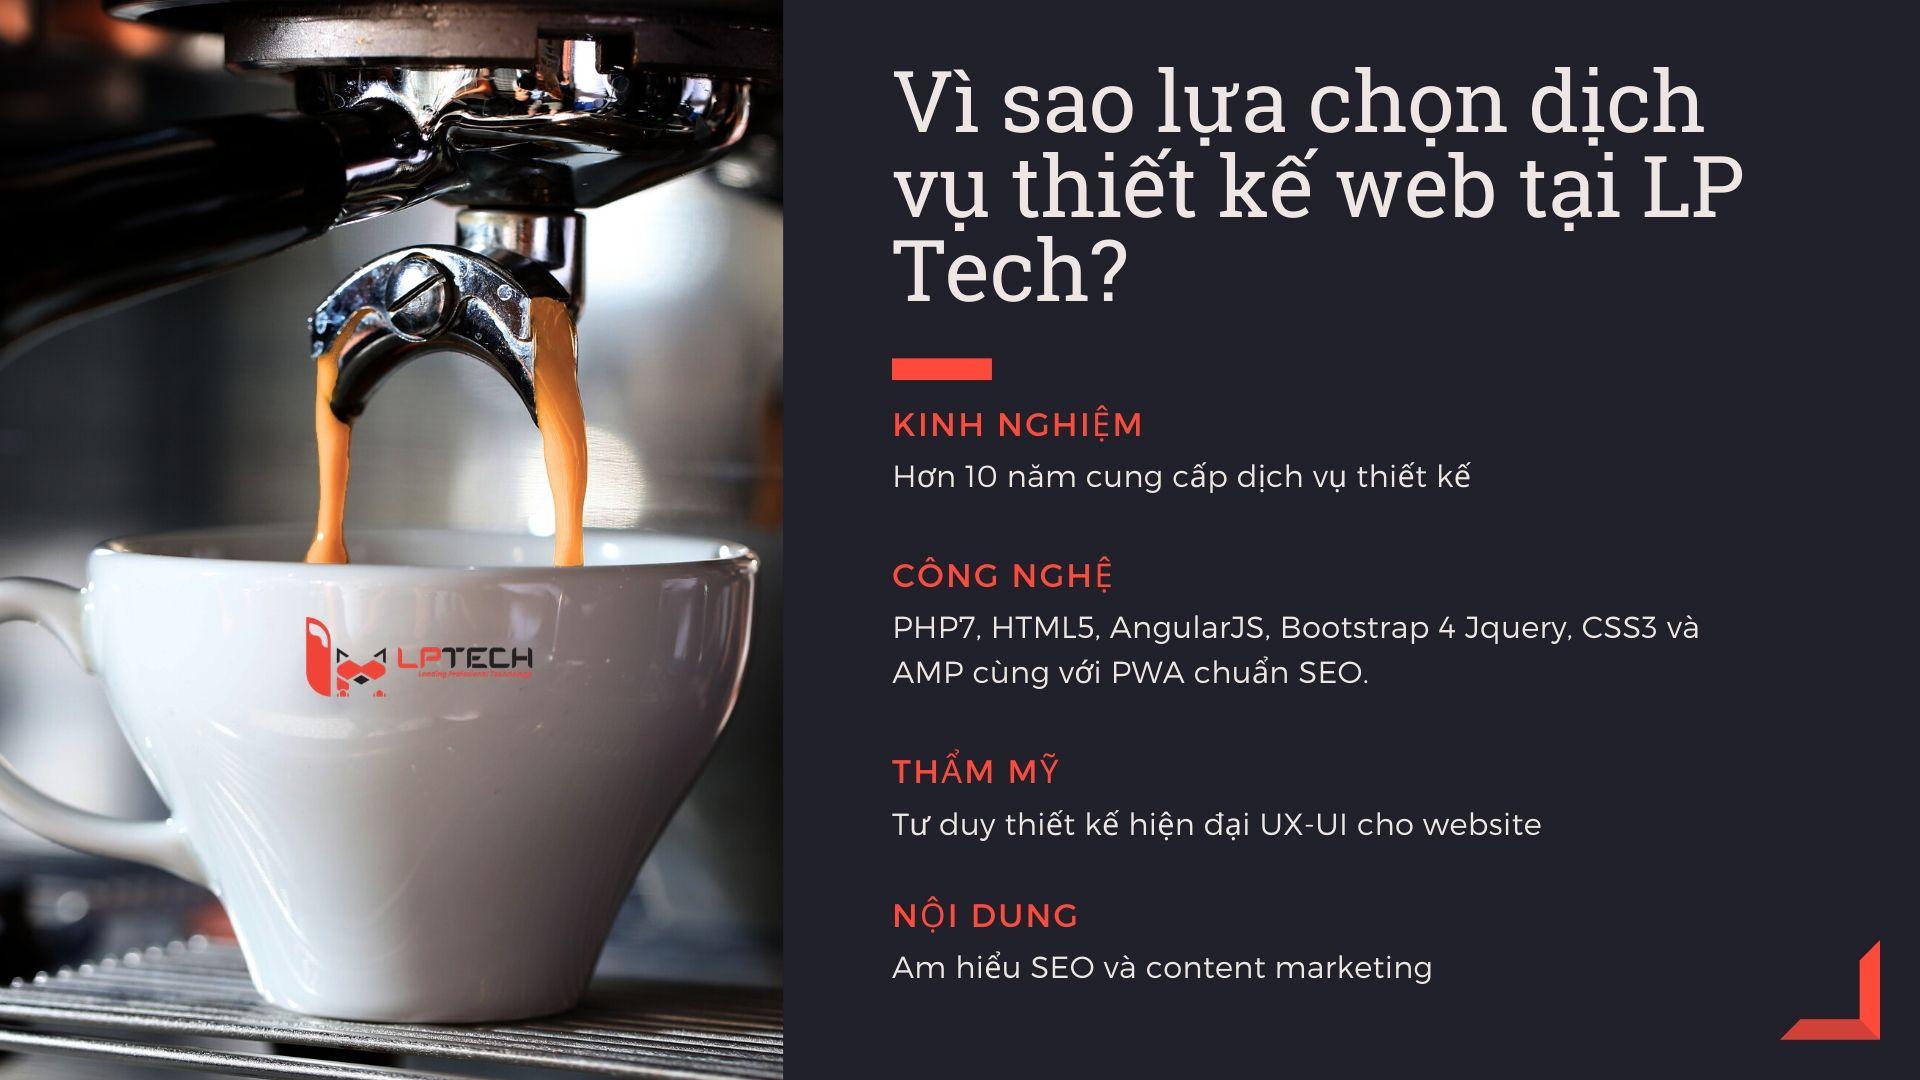 Vì sao lựa chọn dịch vụ thiết kế web tại LP Tech